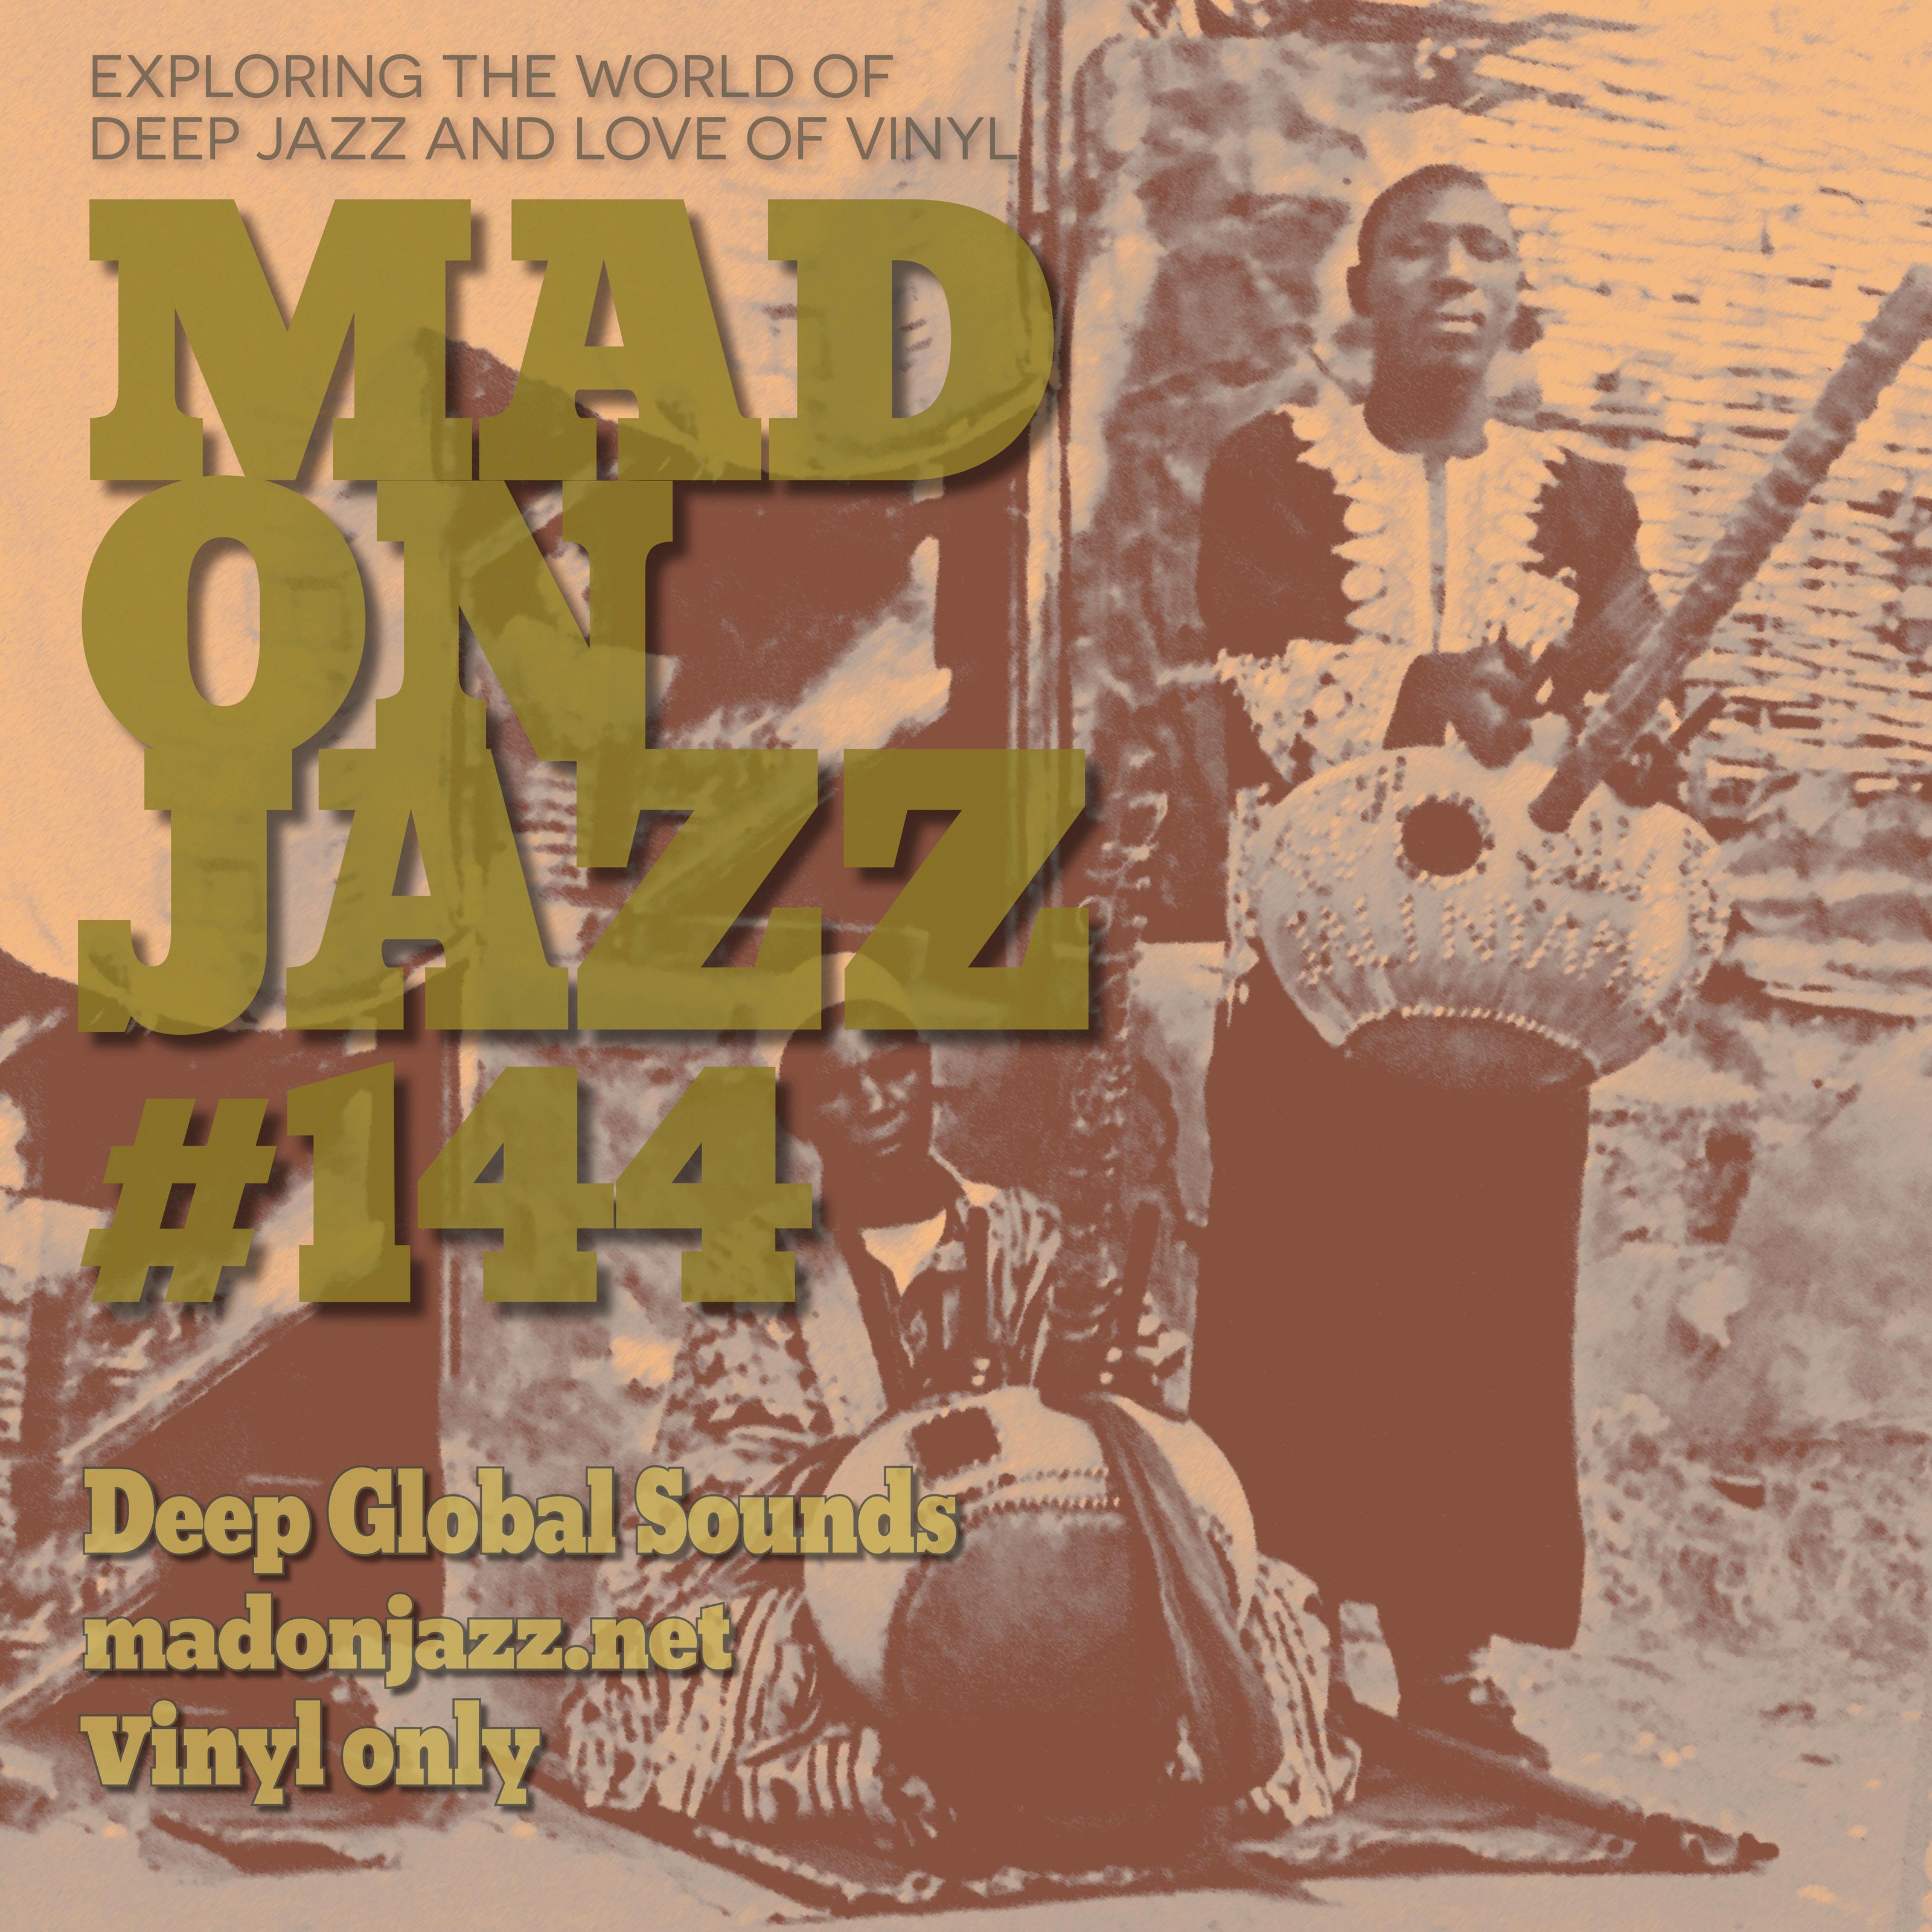 MADONJAZZ #144: Deep Global Sounds